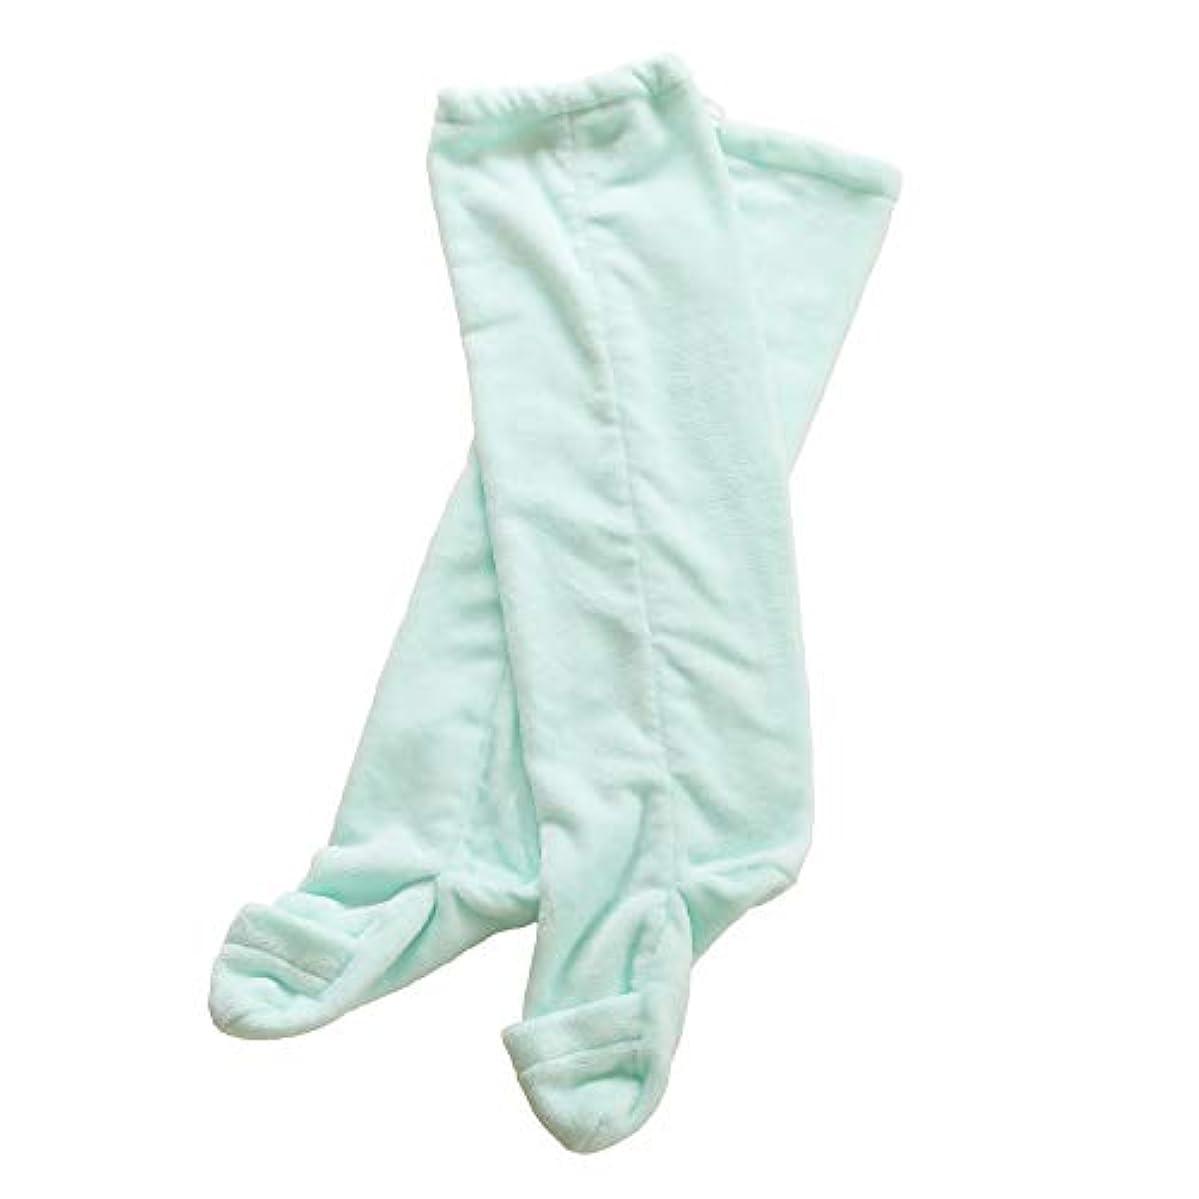 激怒学部長マイコンあったか ルームソックス 極暖 足が出せるロングカバー レッグウォーマー 冷え取り靴下 履く毛布